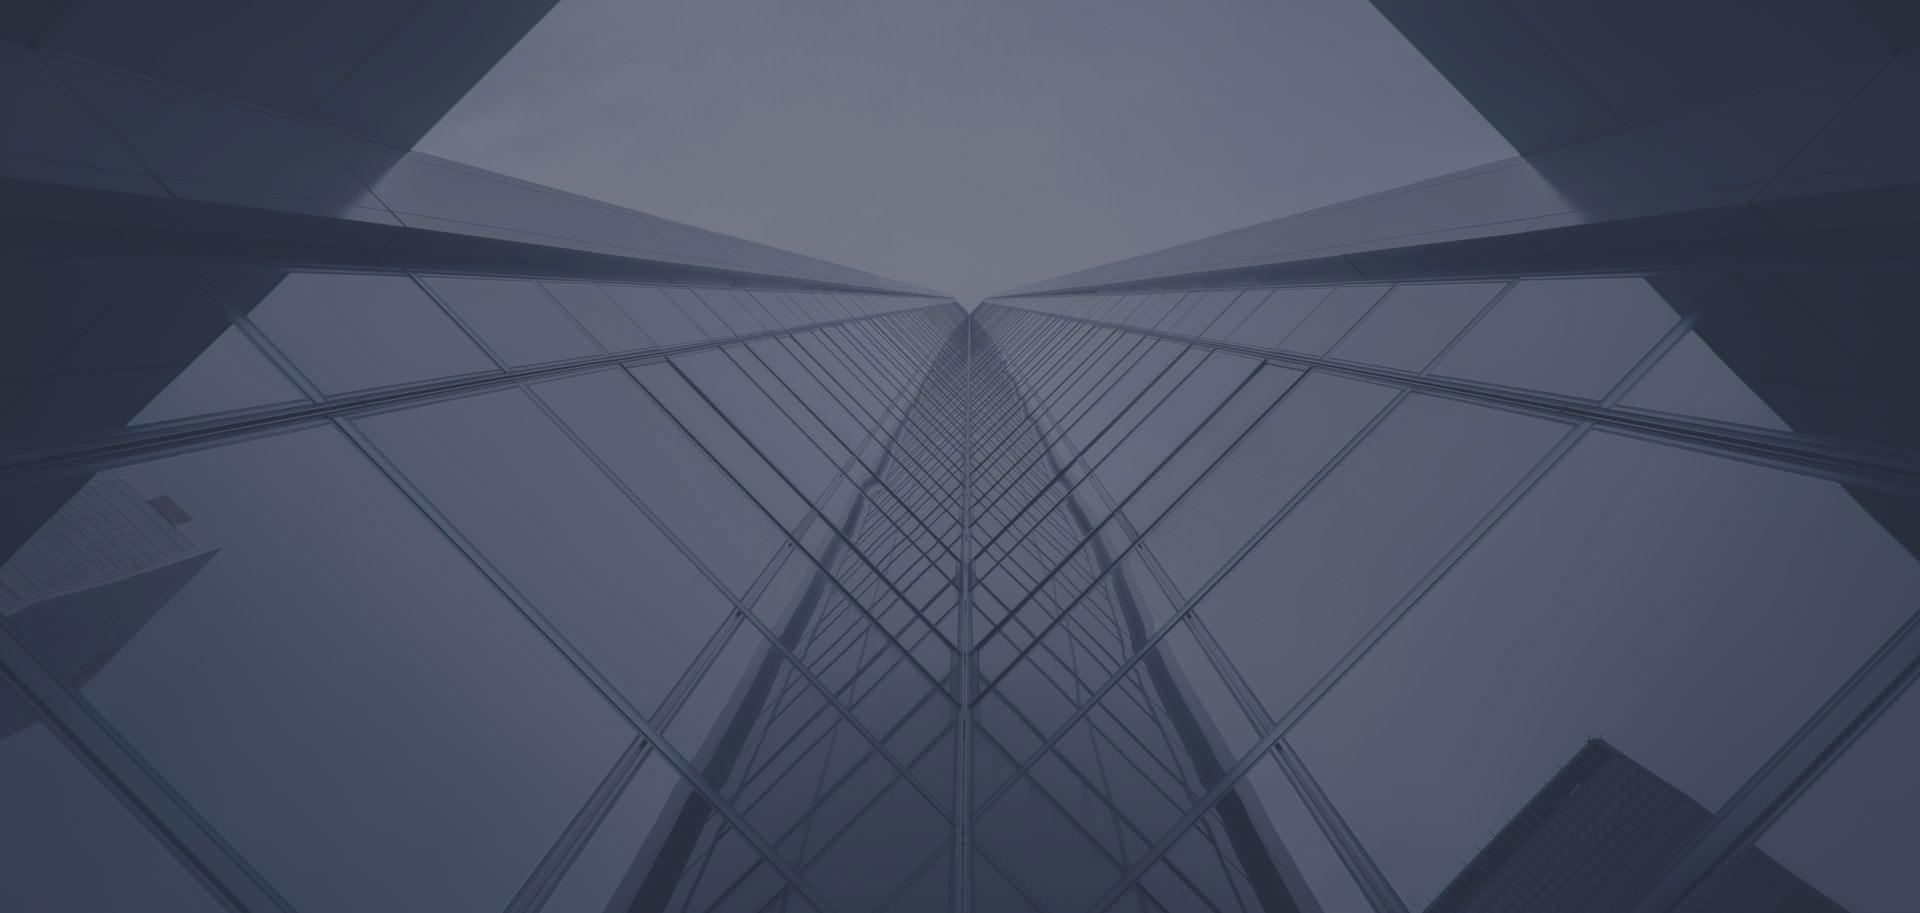 slider-window-buildings